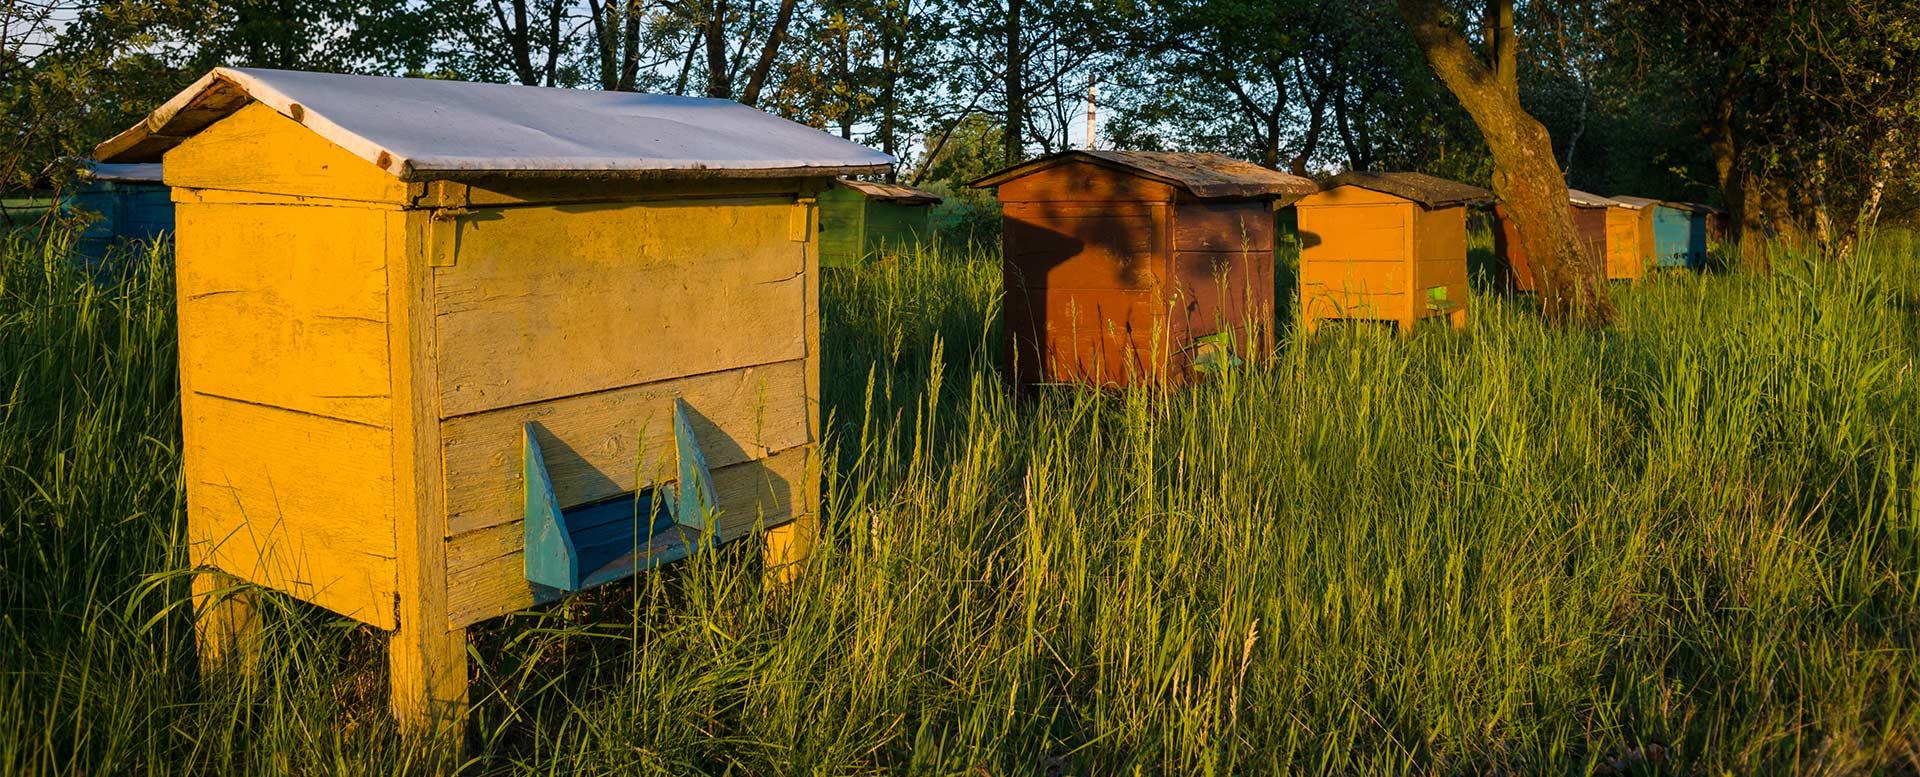 Bienenkästen zur Bienenhaltung